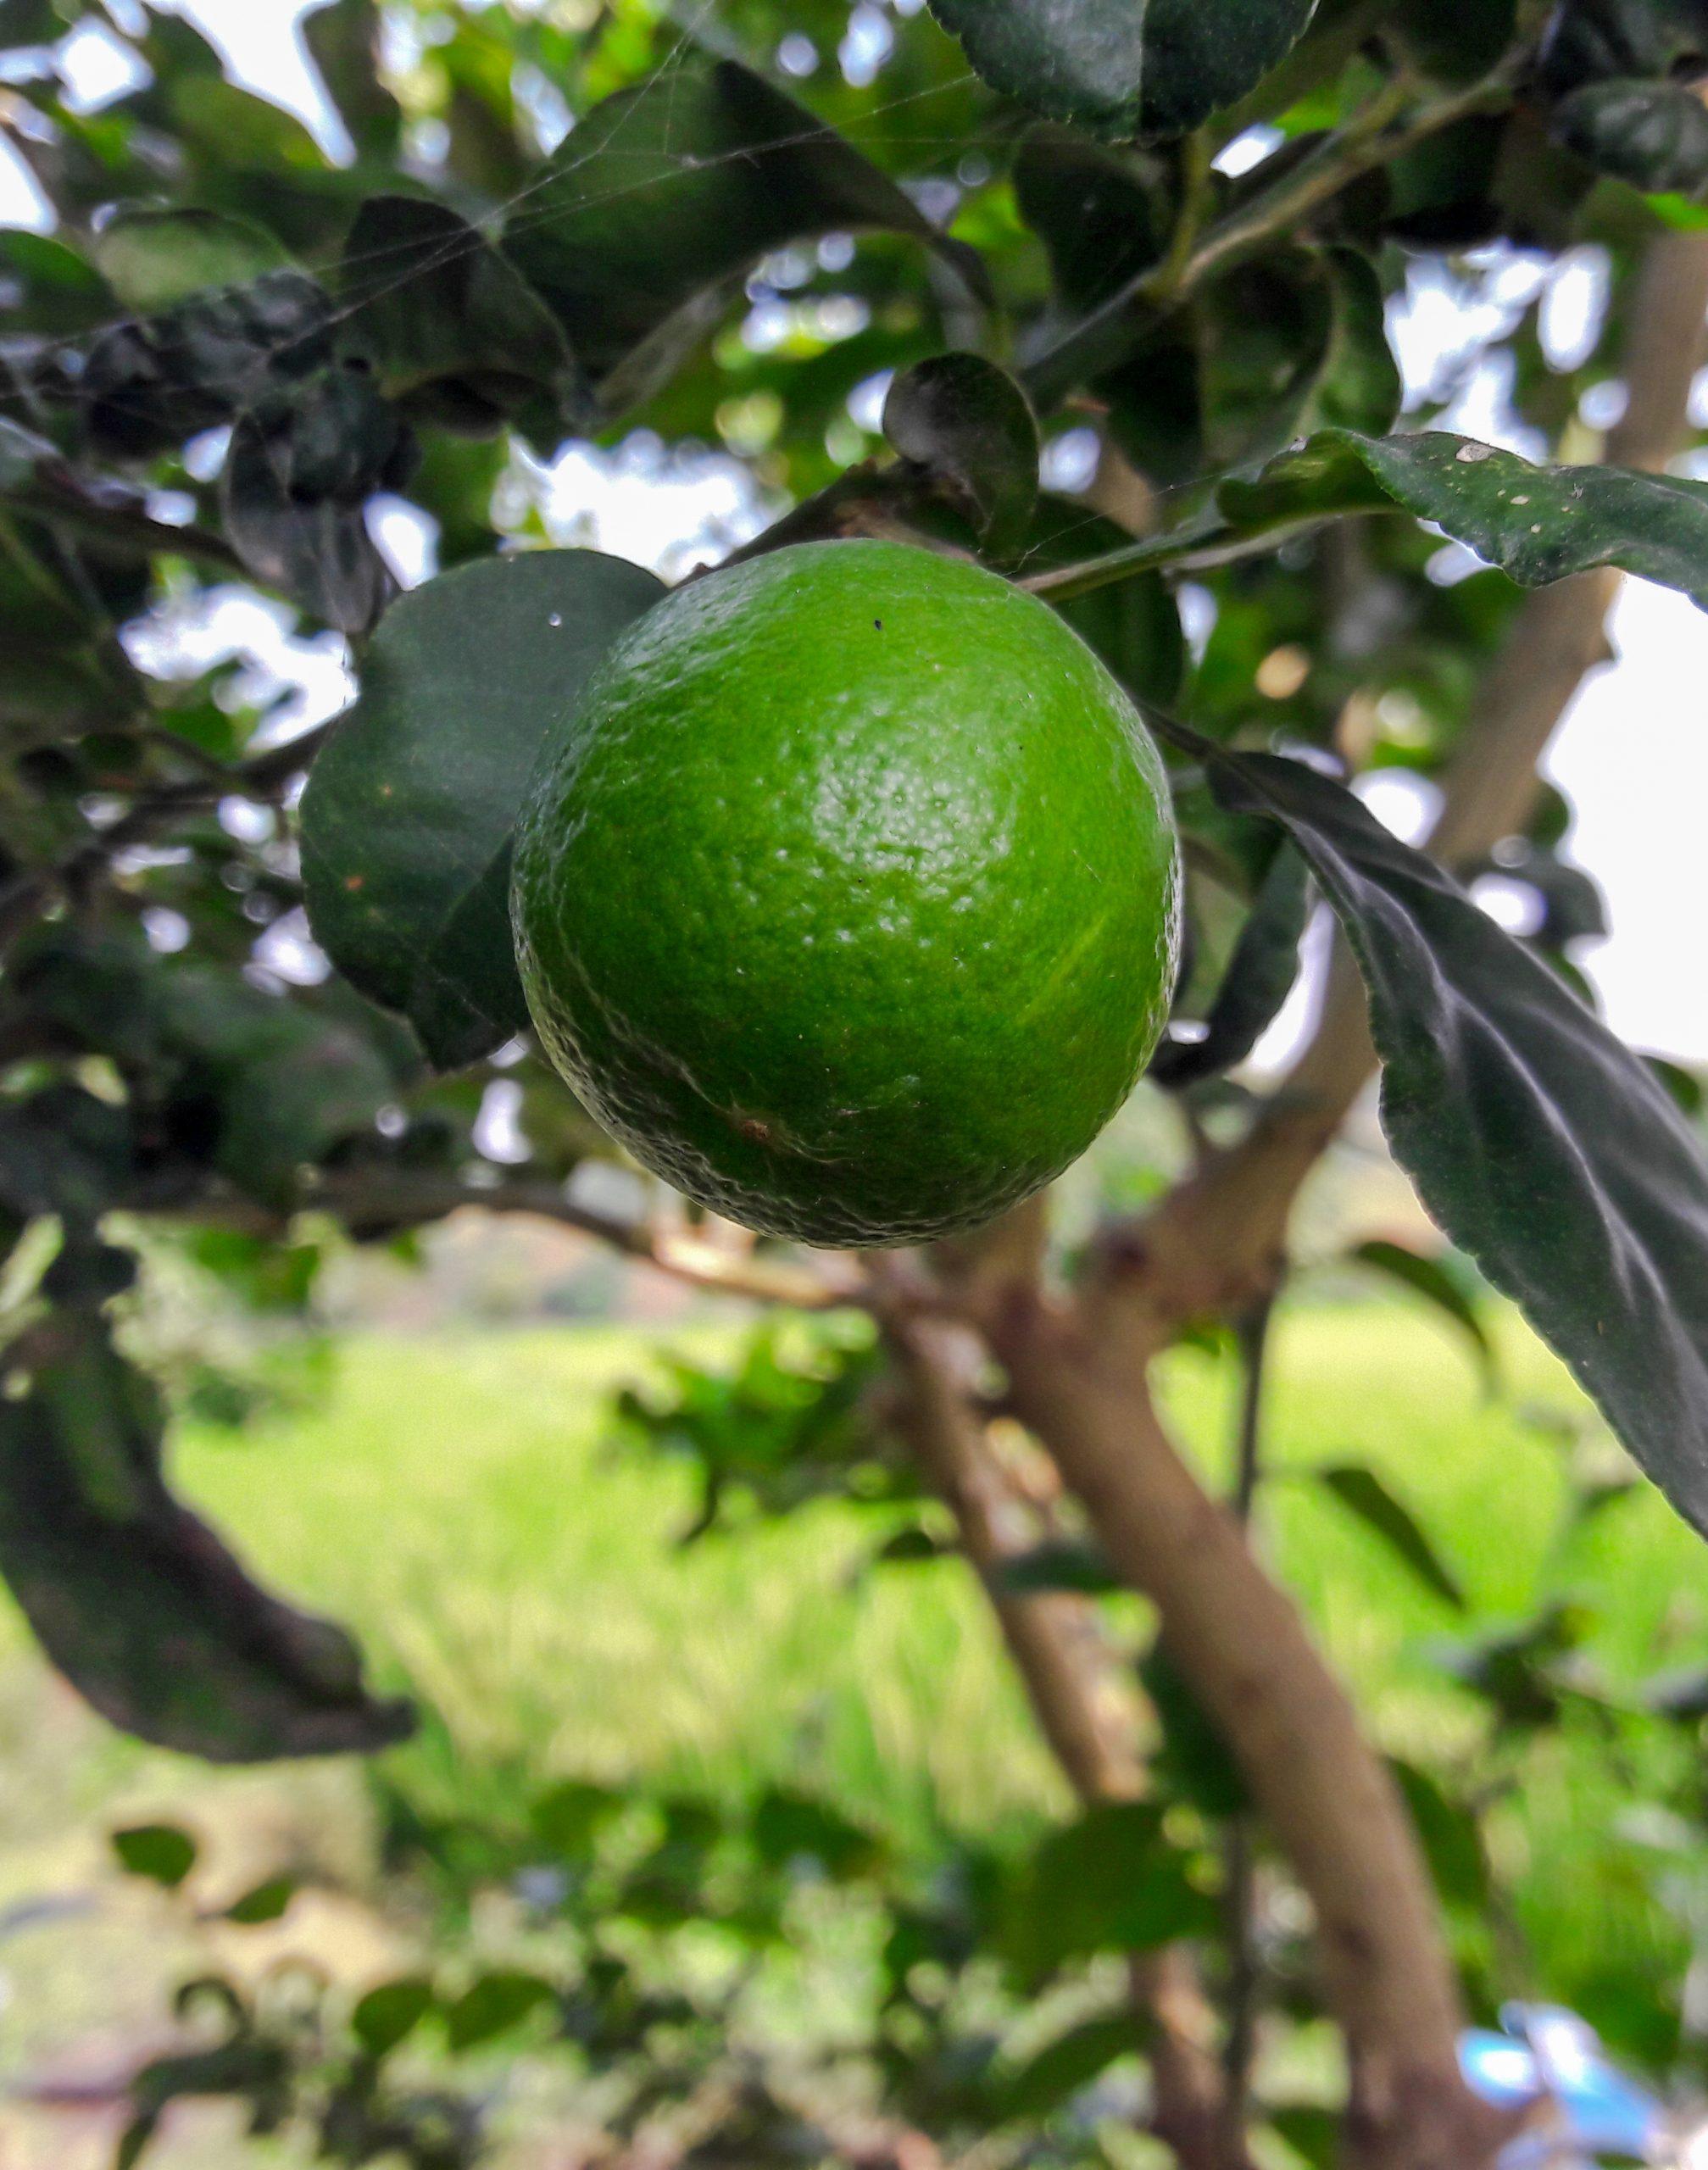 Lemon on plant